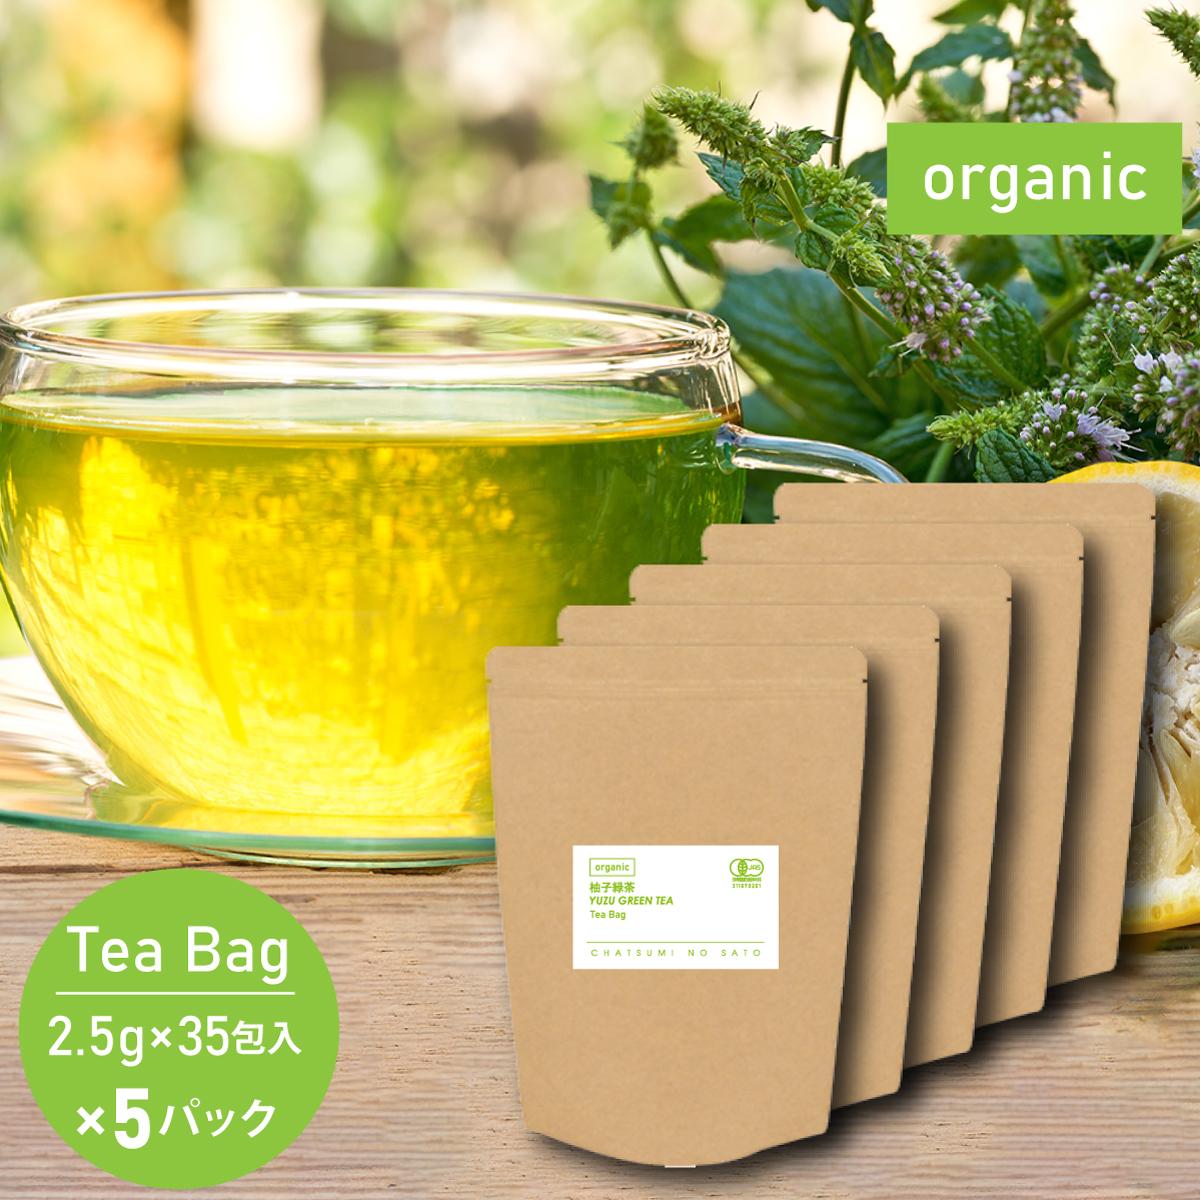 【送料無料】オーガニック 有機柚子緑茶 5パックセット(2.5g×35包入×5パック)